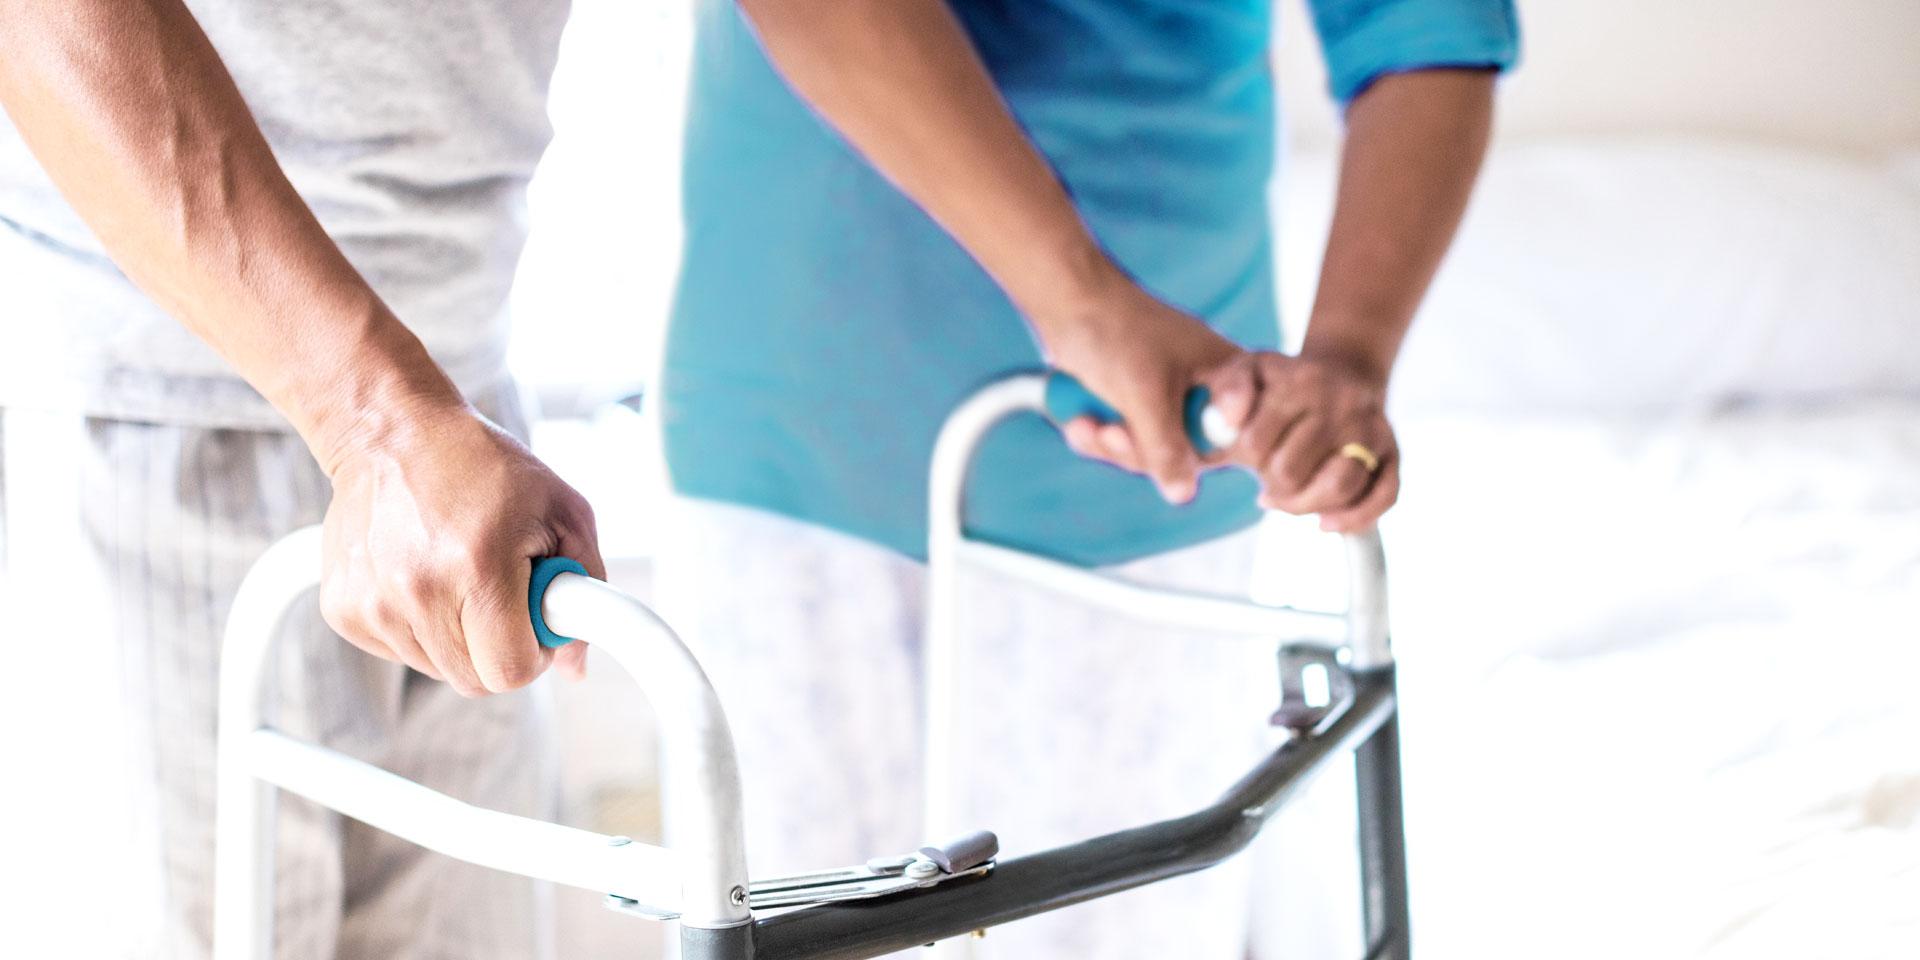 24 Stunden Pflege mit polnische pflegekräfte